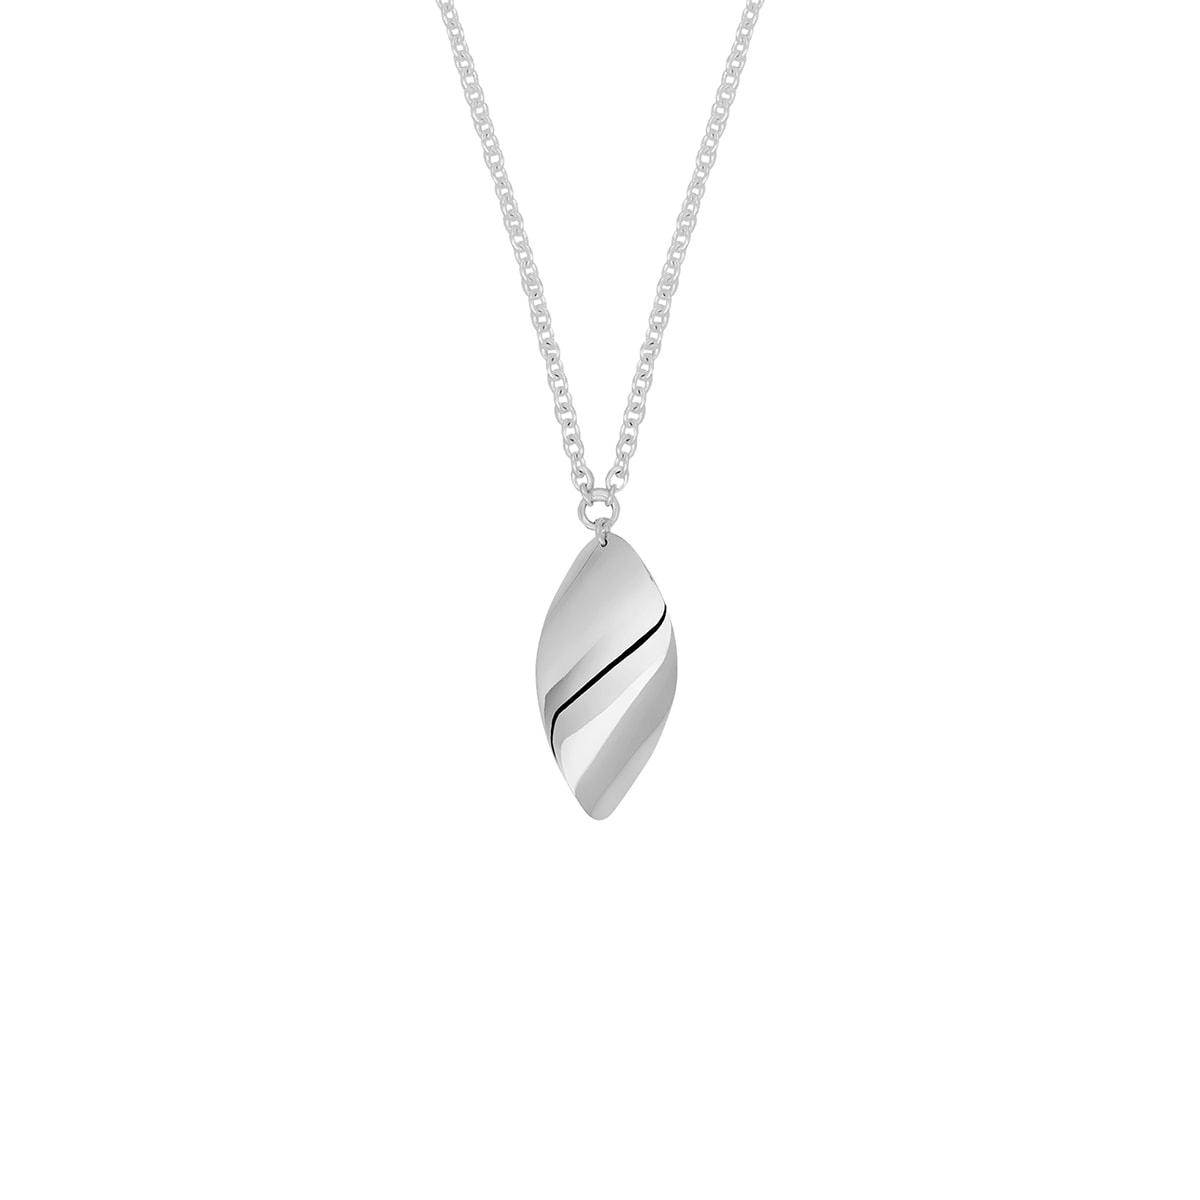 Drakenberg_Sjolin_Aqua-small-single-necklace-lq-white_hos_Jarl_Sandin